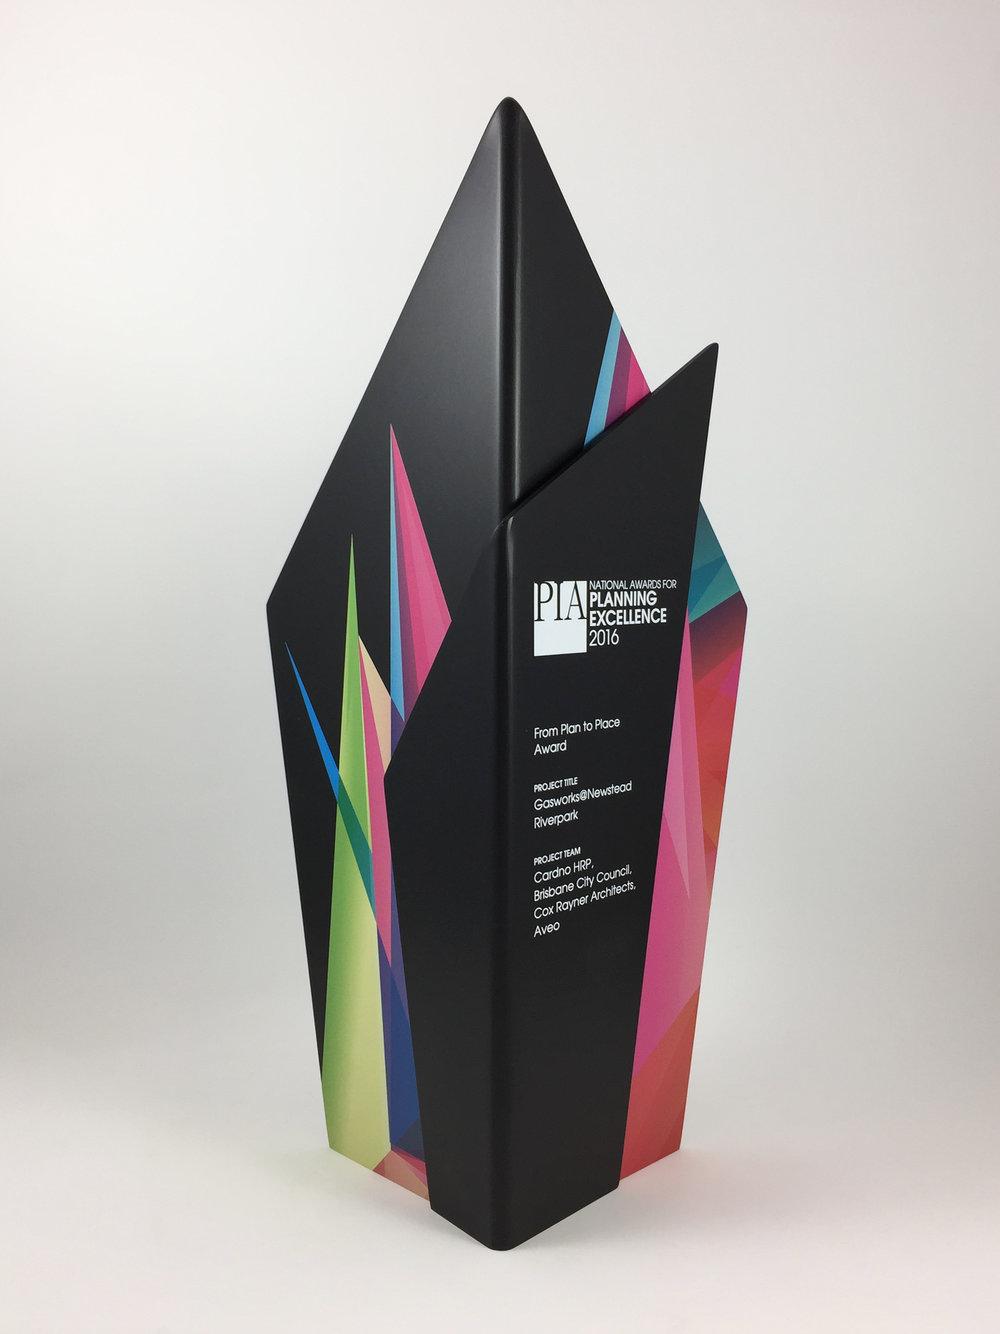 Planning-Institute-Australia-award-aluminium-trophy-01.jpg